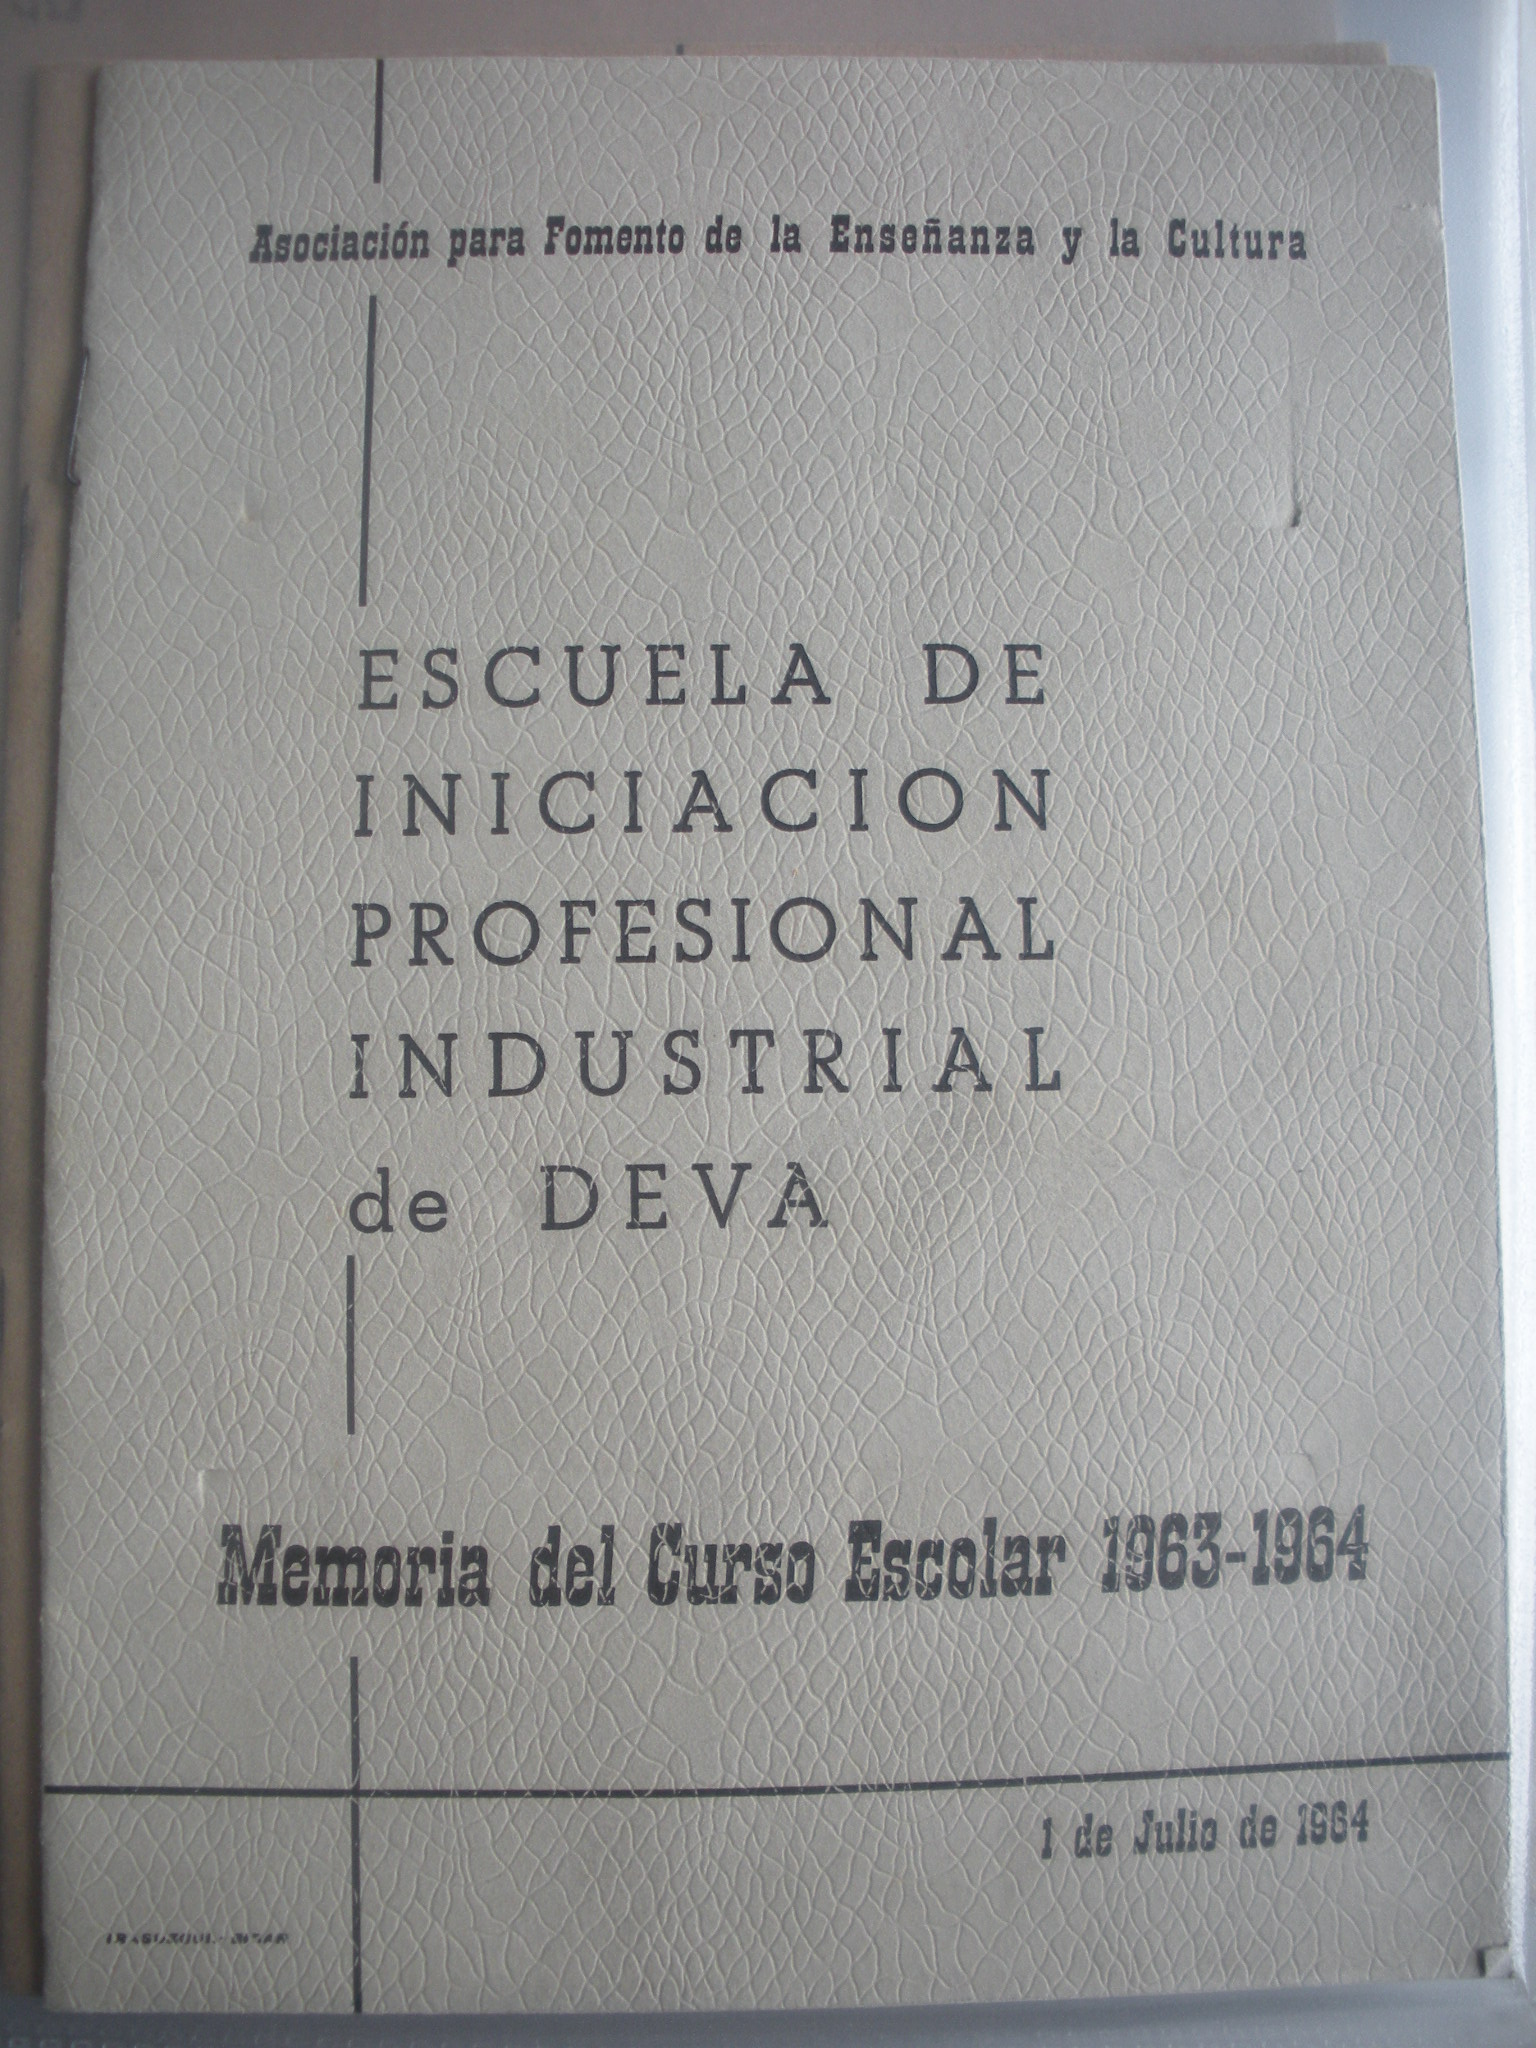 MEMORIA DEL CURSO ESCOLAR 1962 - 1963 DE LA ESCUELA DE INICIACIÓN PROFESIONAL INDUSTRIAL DE DEVA